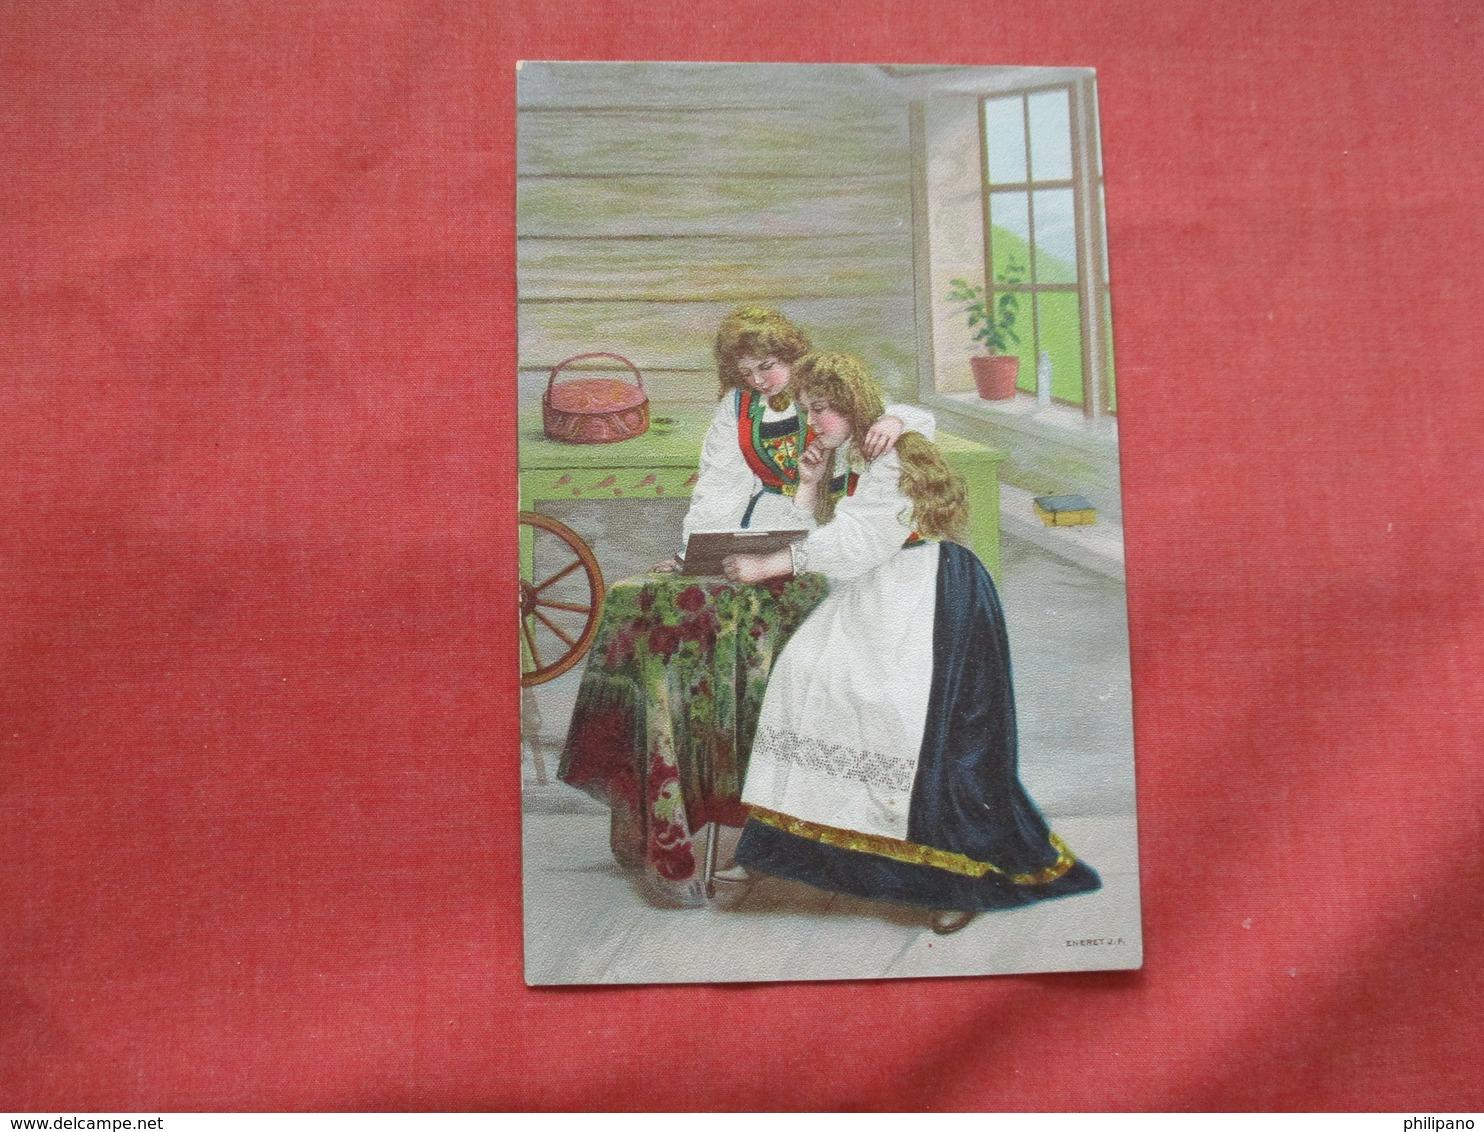 Costumes  2 Females    Ref 3199 - Europe